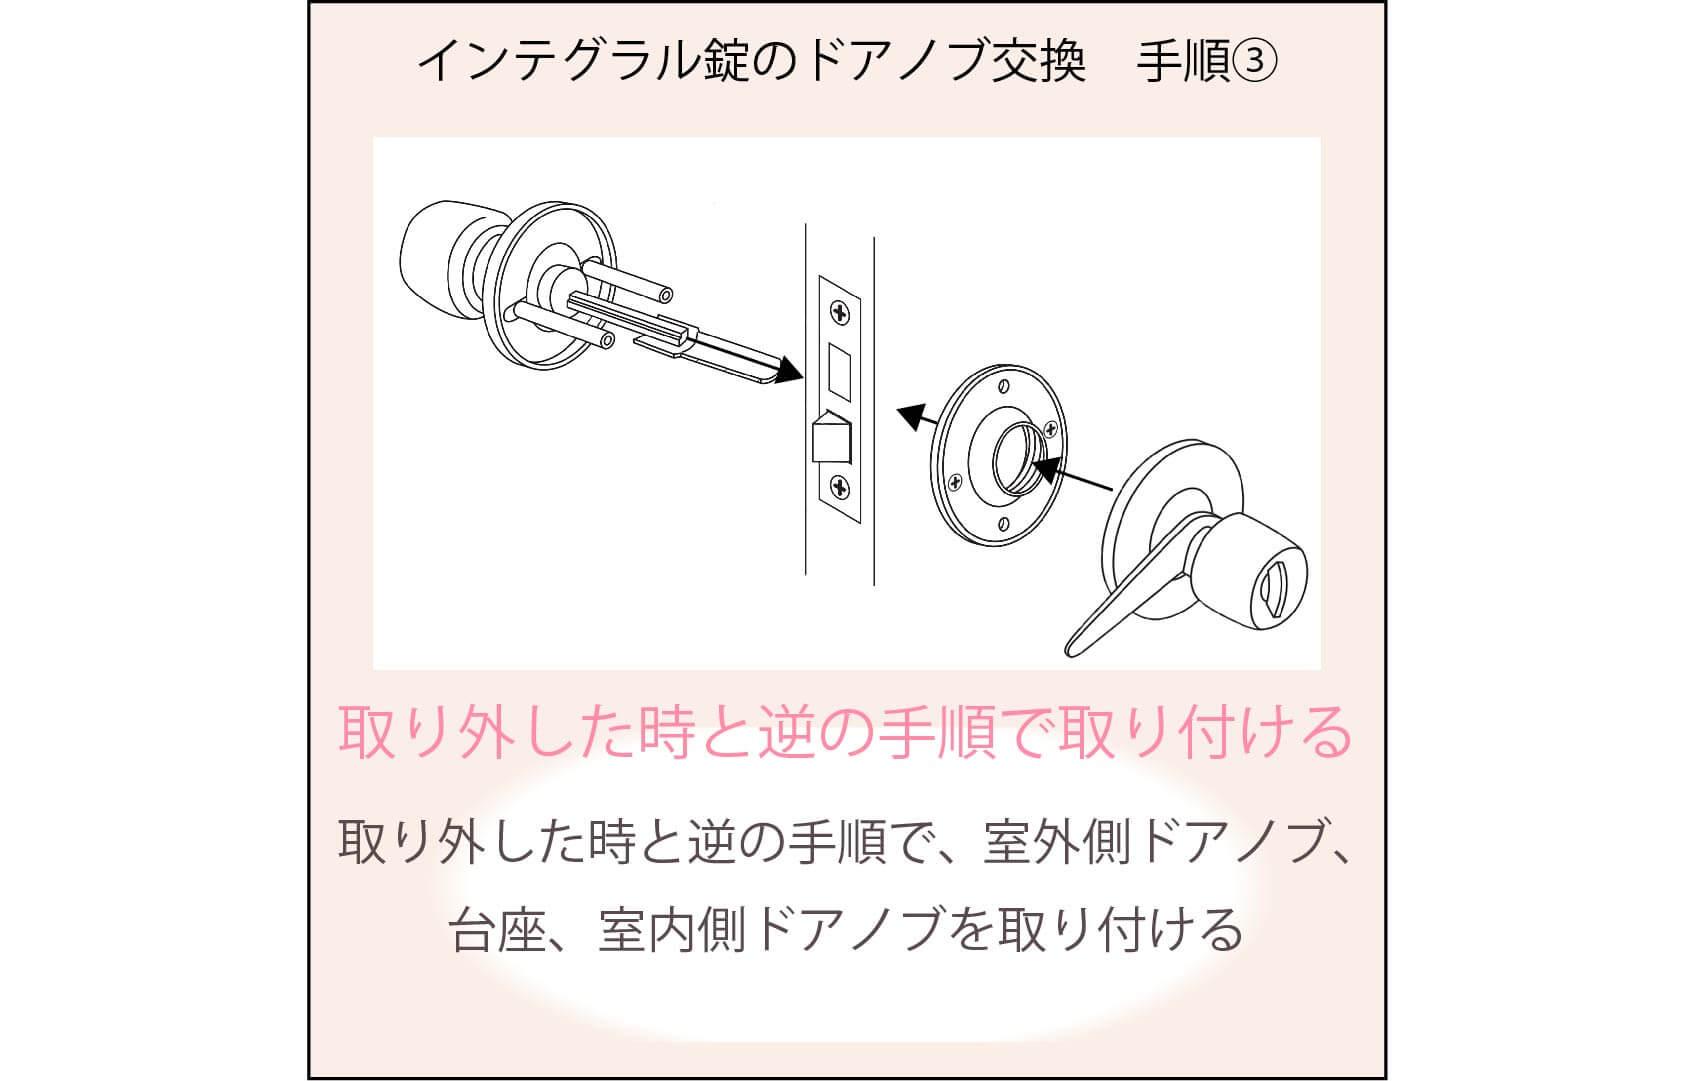 インテグラル錠の交換手順③